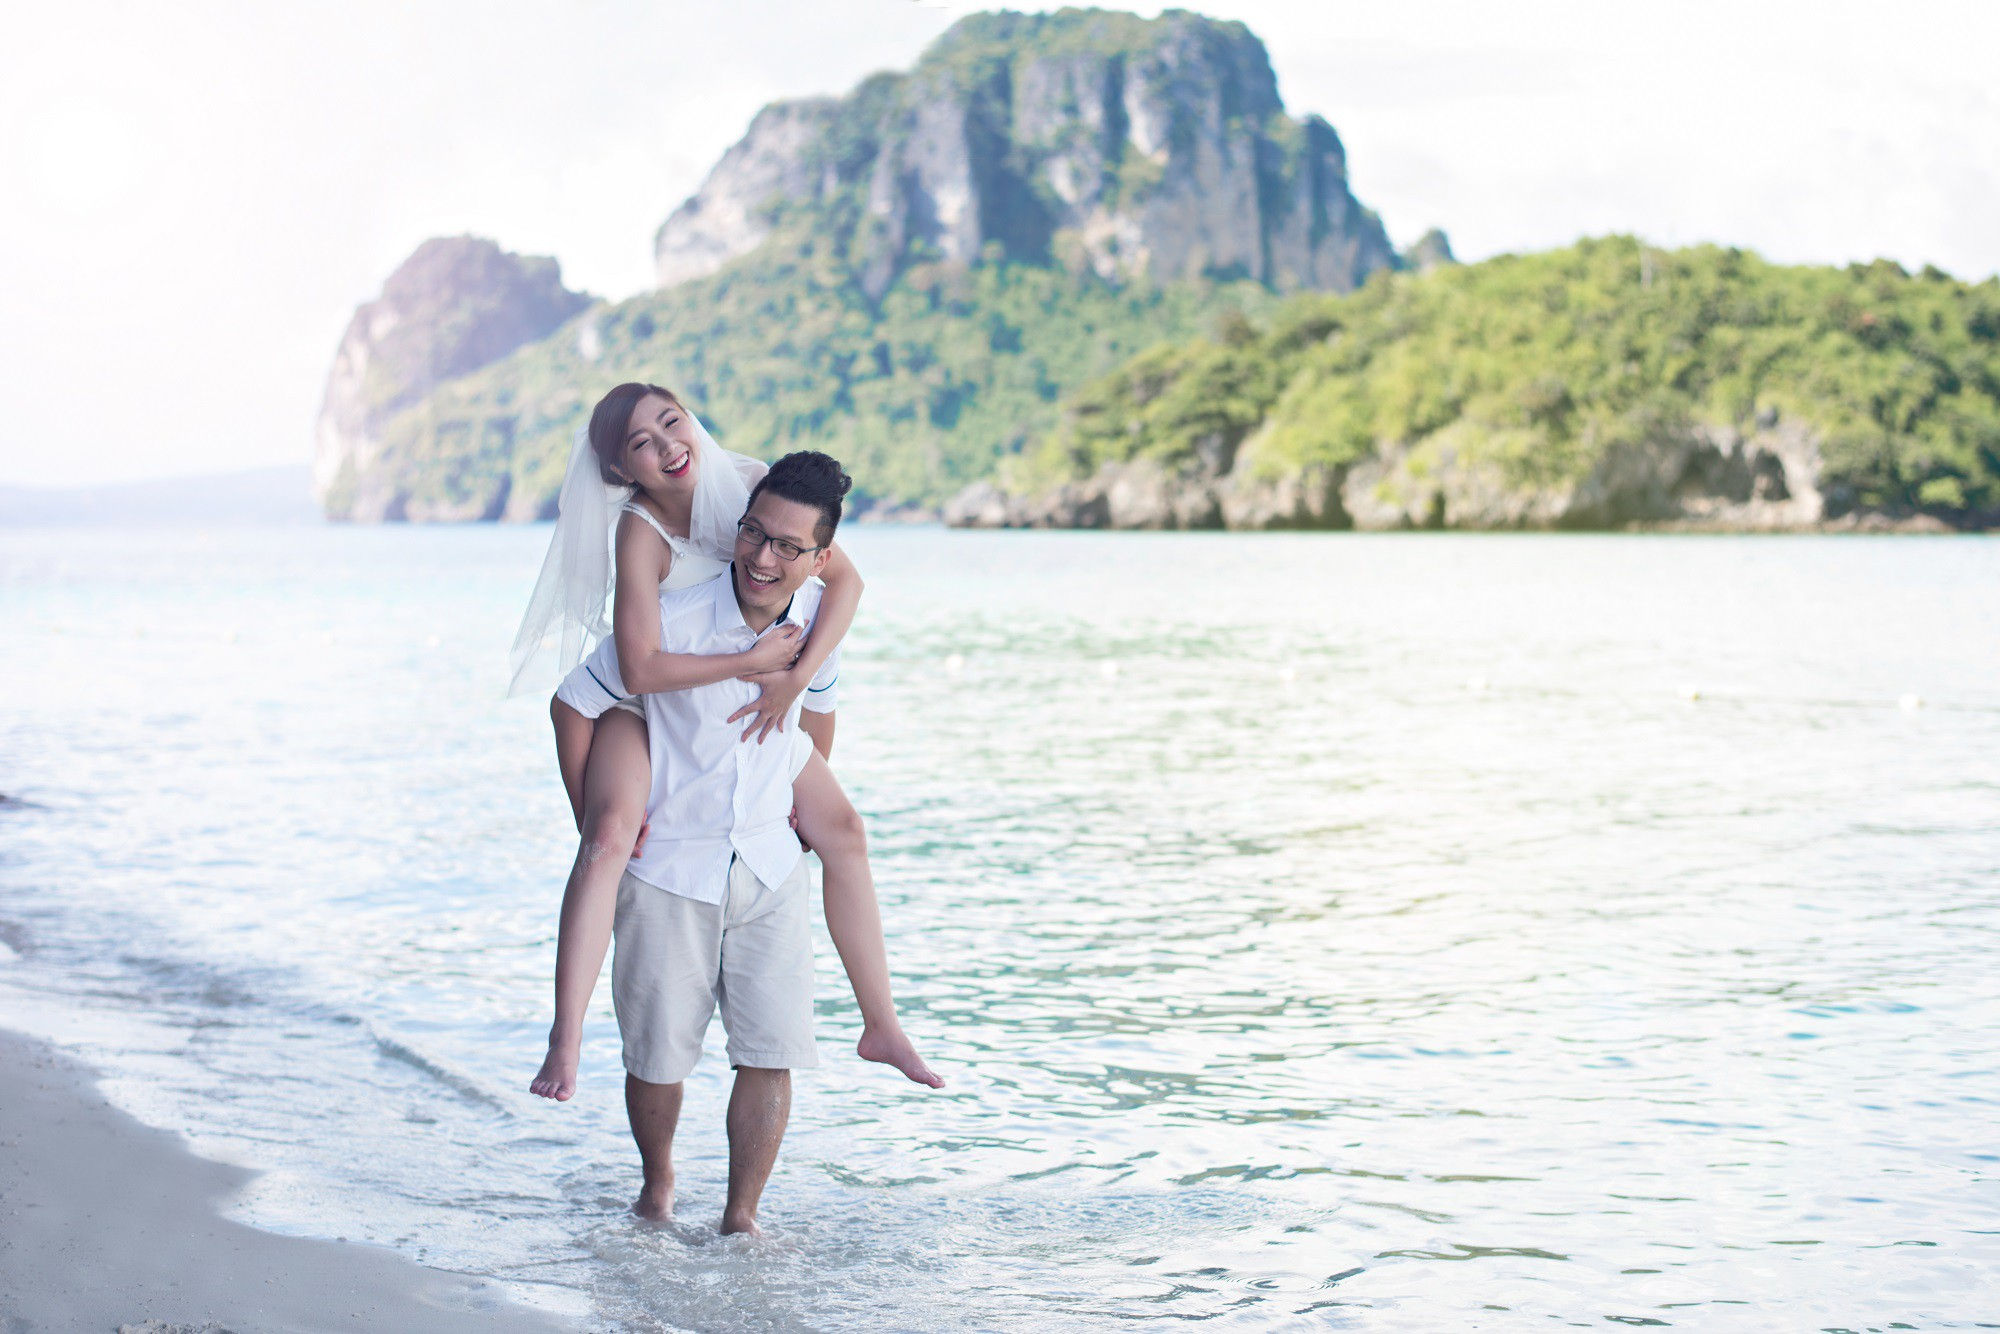 Em gái Trấn Thành kết hôn với bạn trai Hồng Kông, tung bộ ảnh cưới nhắng nhít cùng hội bạn thân - Ảnh 6.